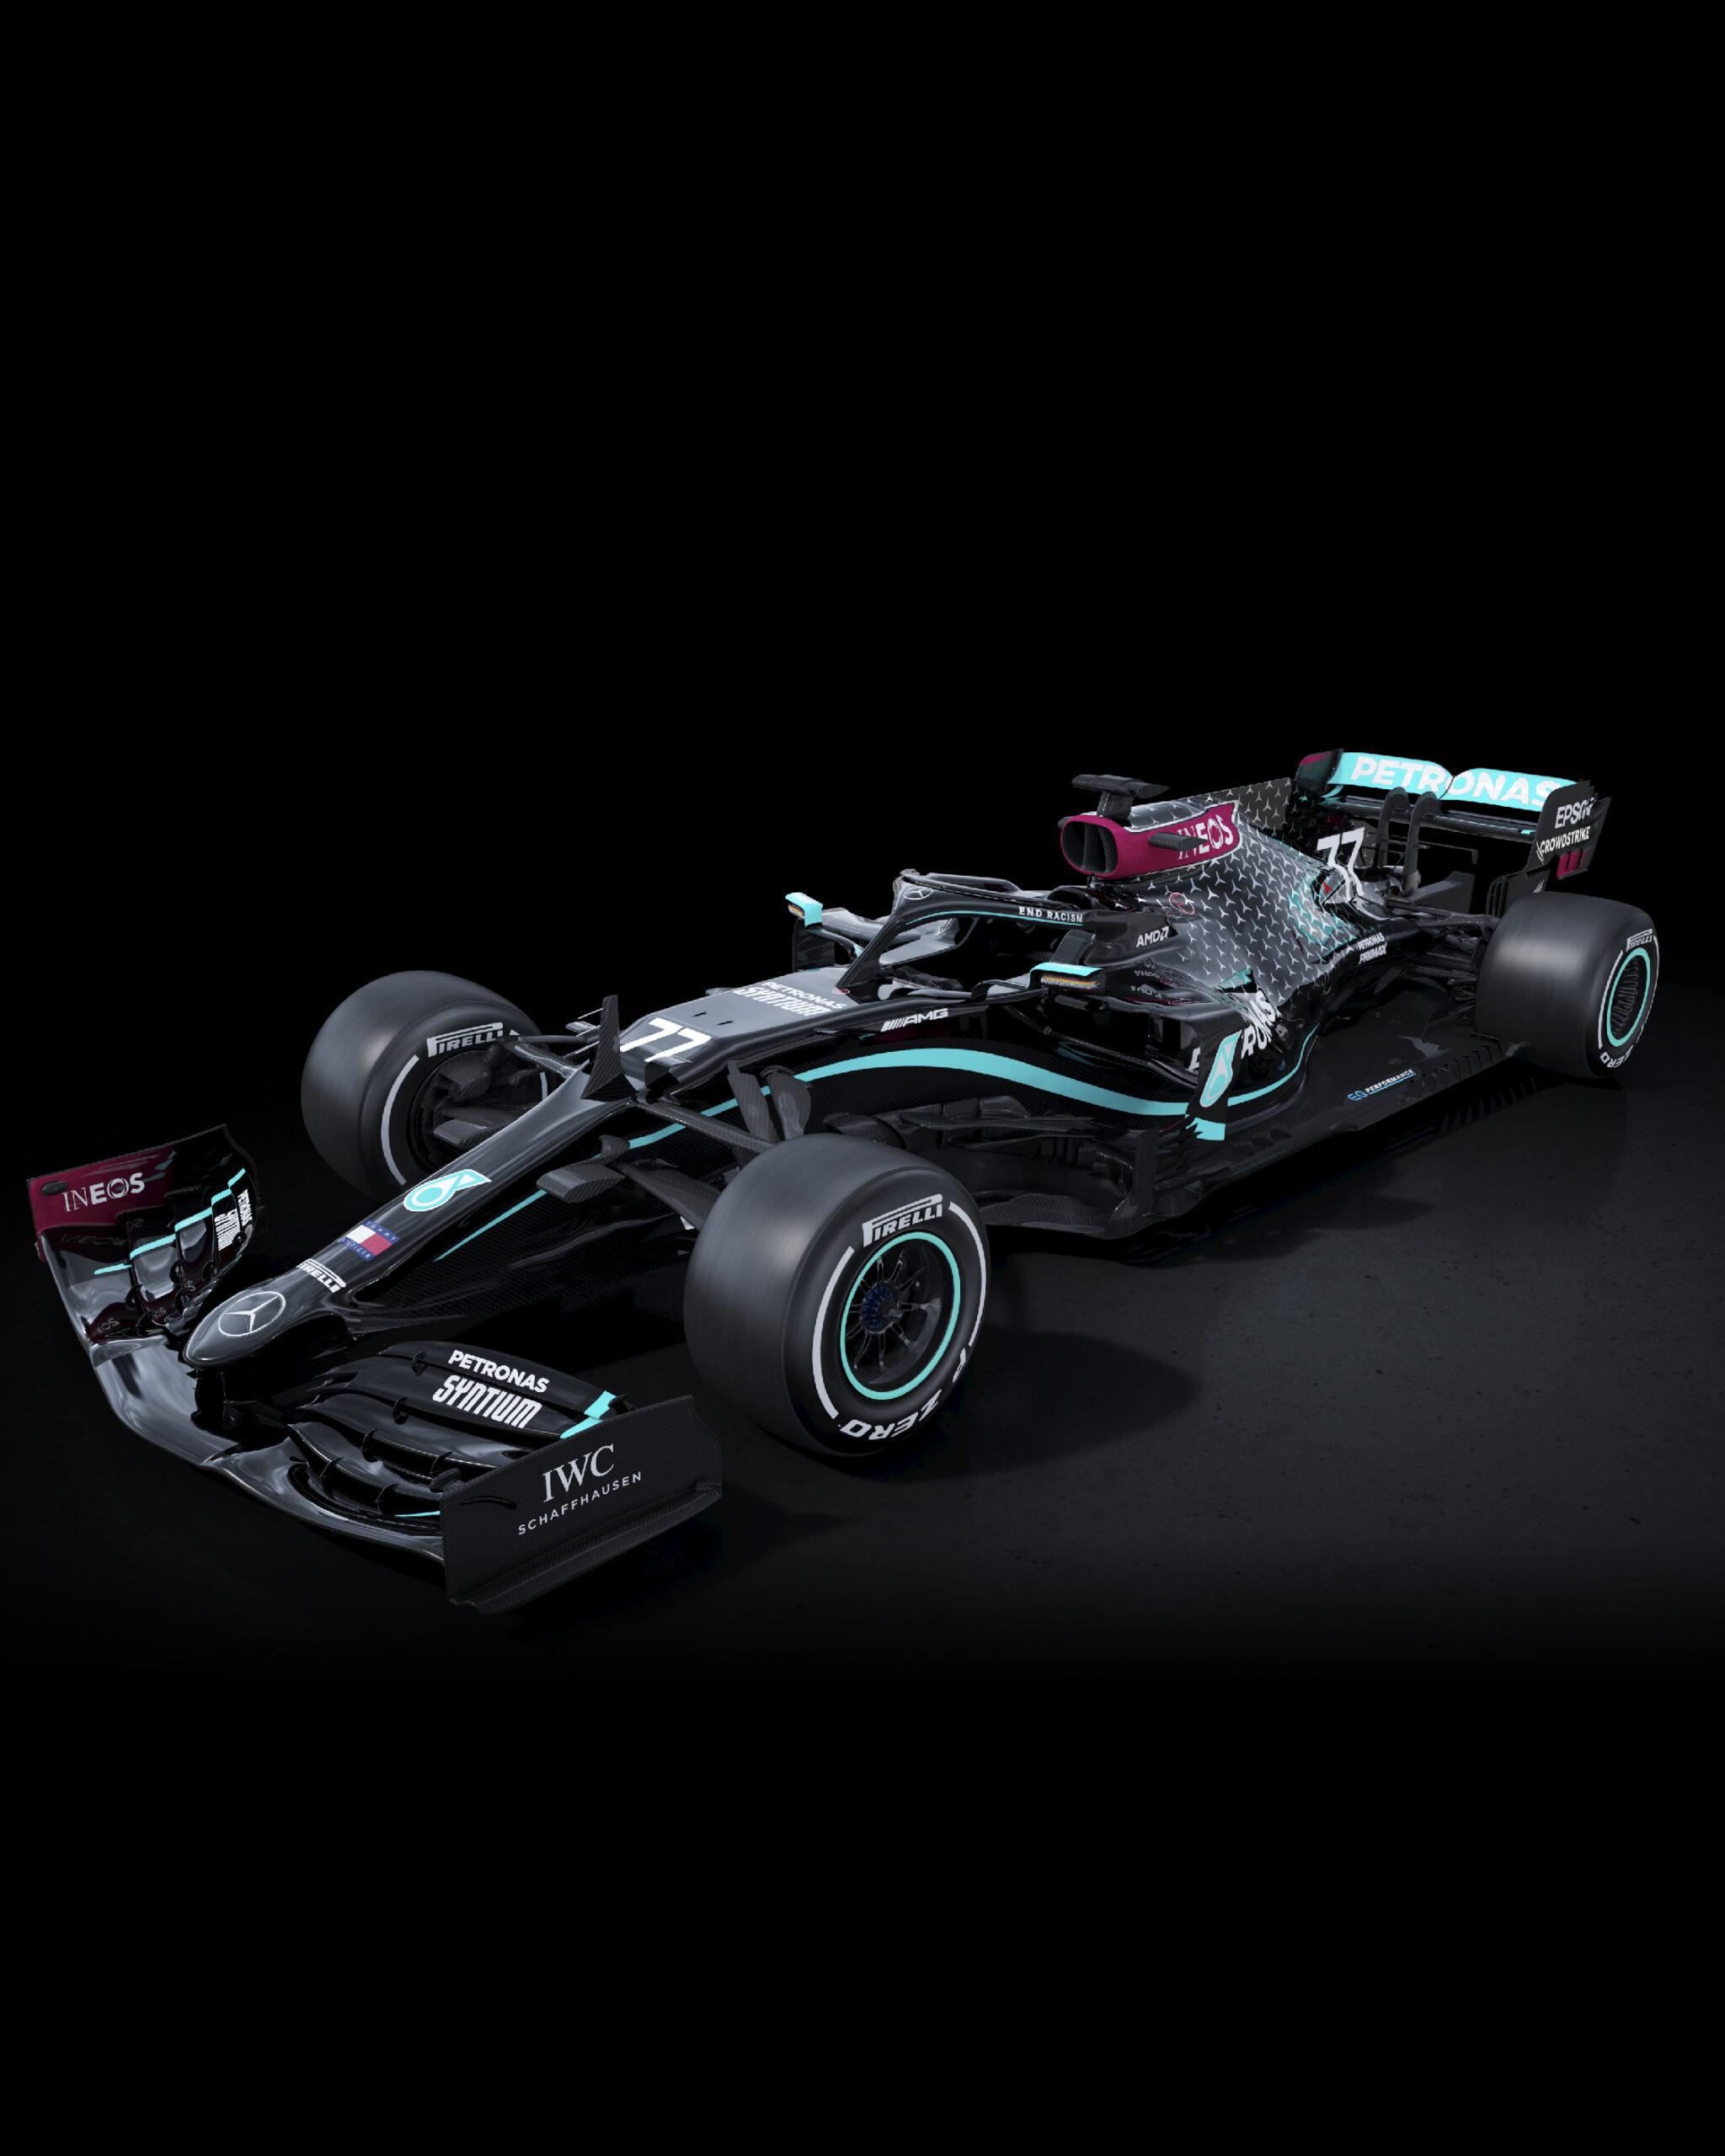 Mercedes pintó sus monoplazas F1 de color negro como señal de combate contra el racismo.